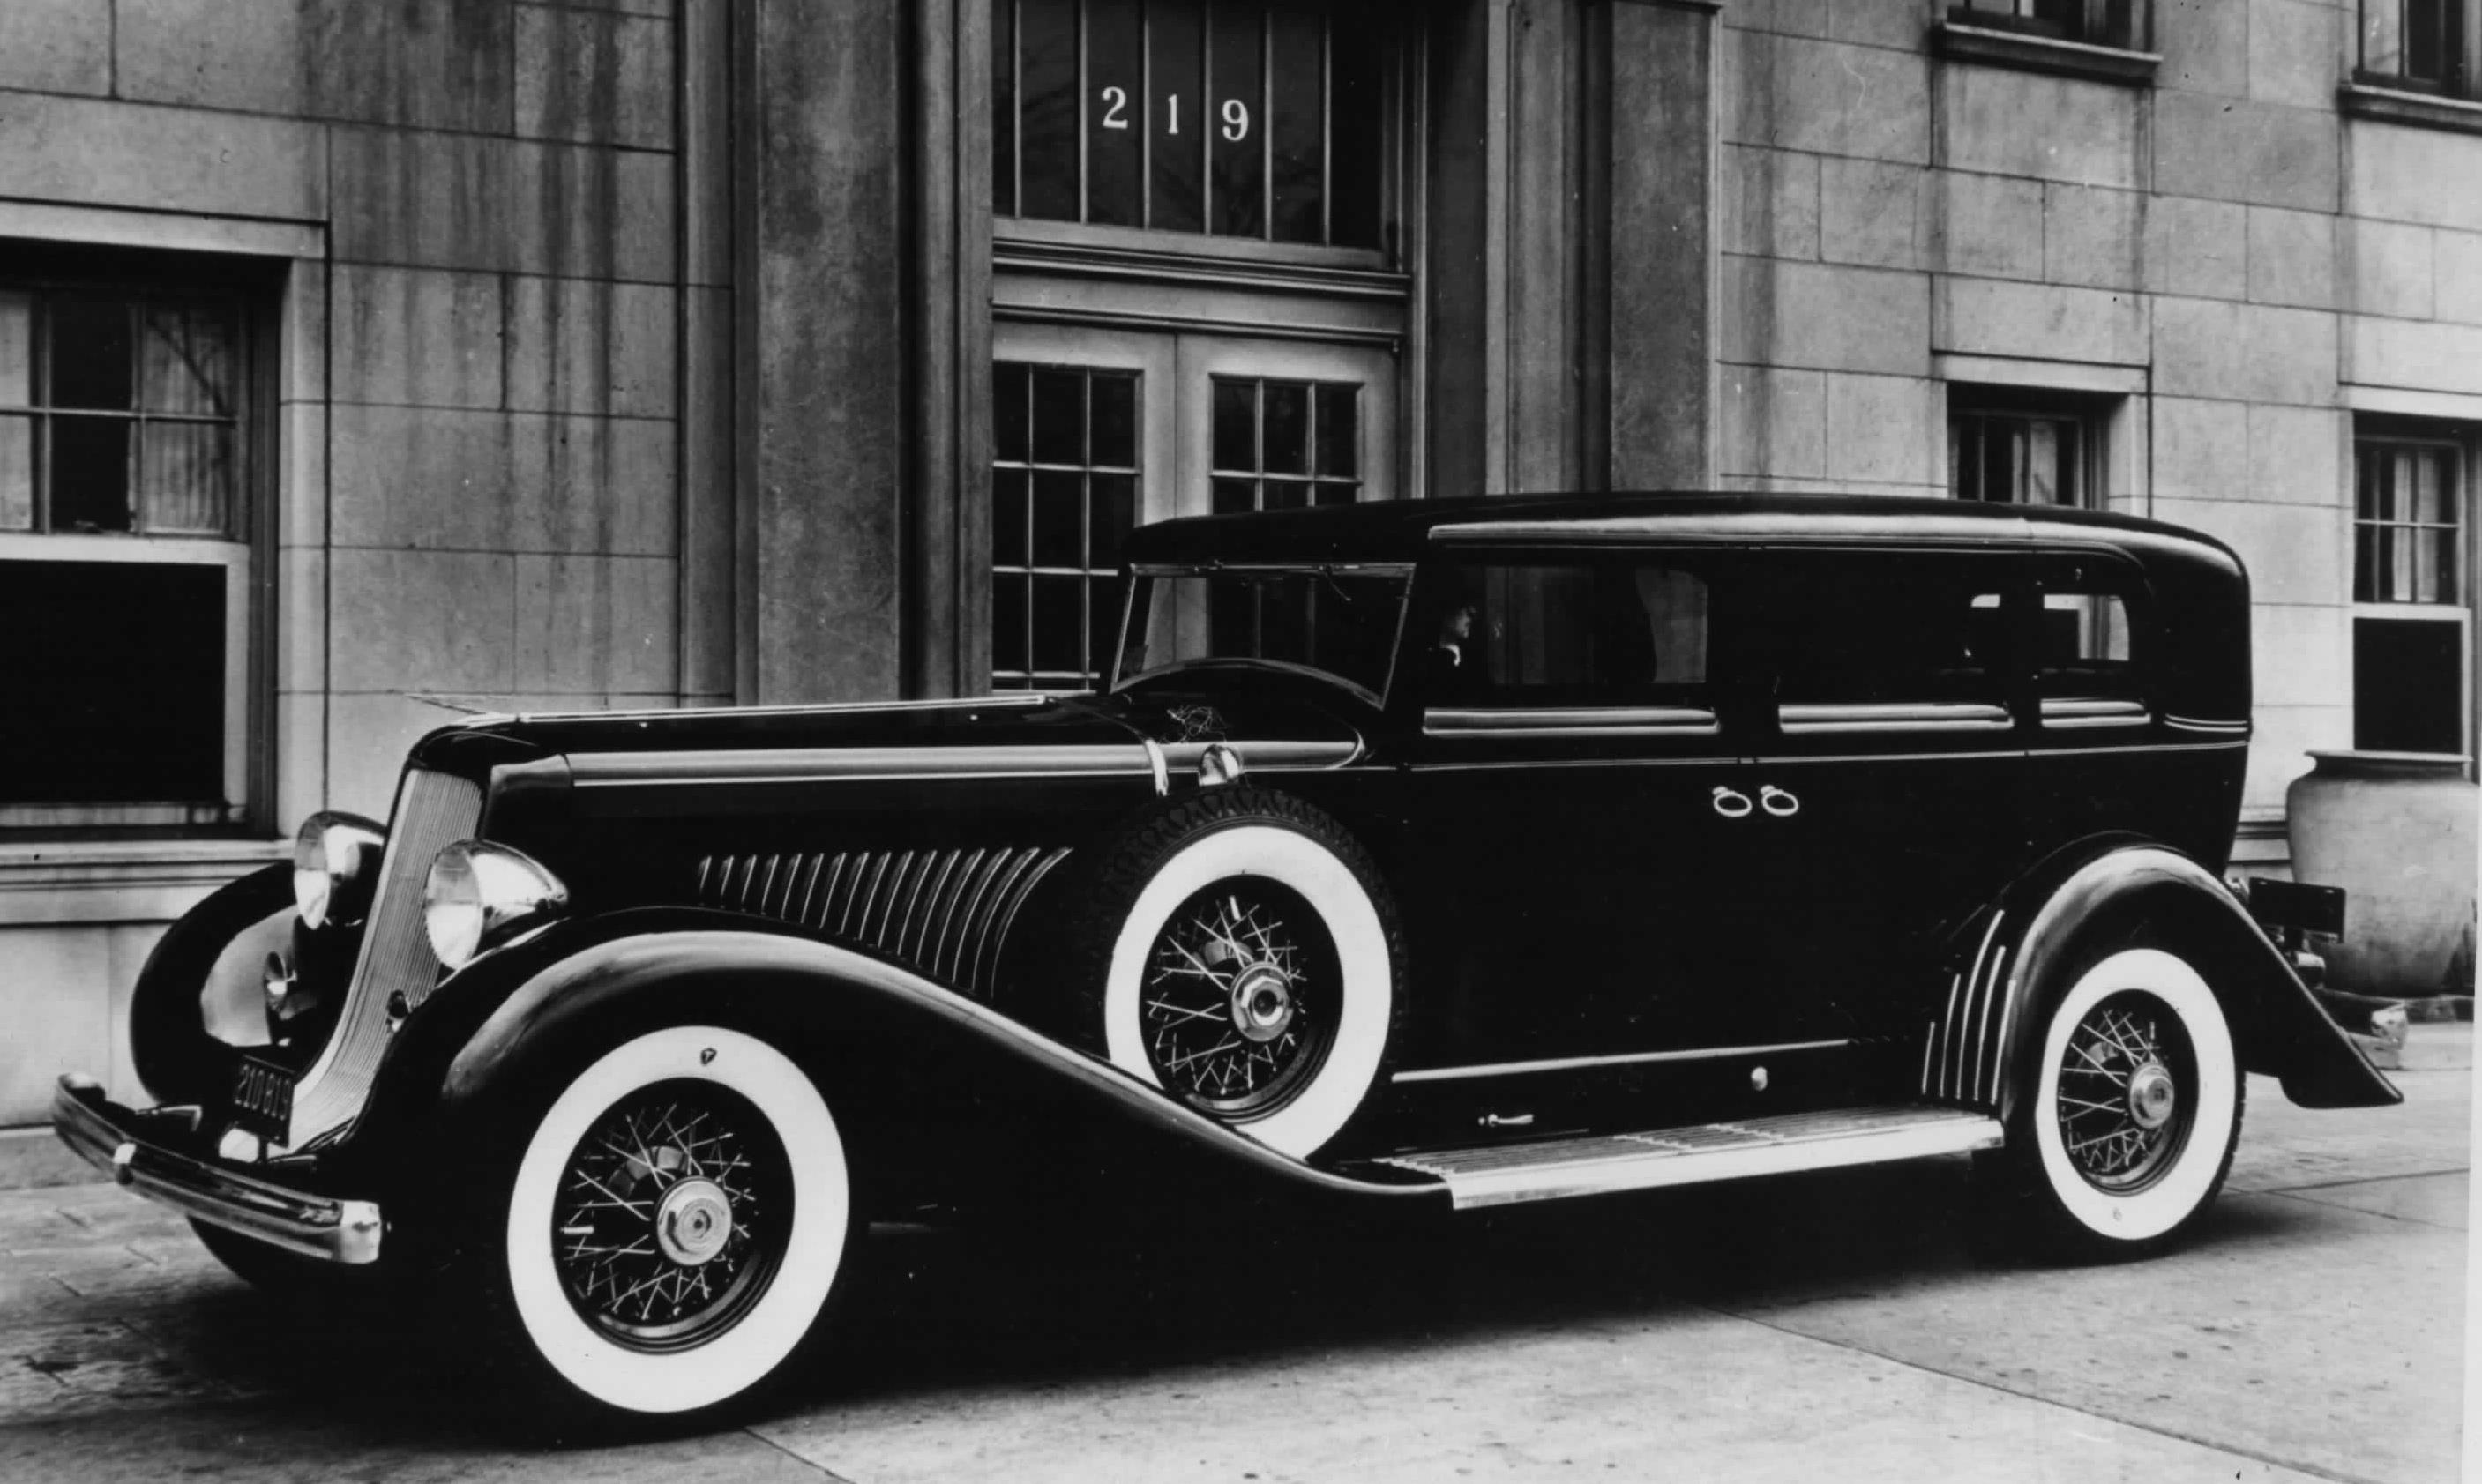 Black Classic Car Wallpapers 32 Background - Hdblackwallpaper.com